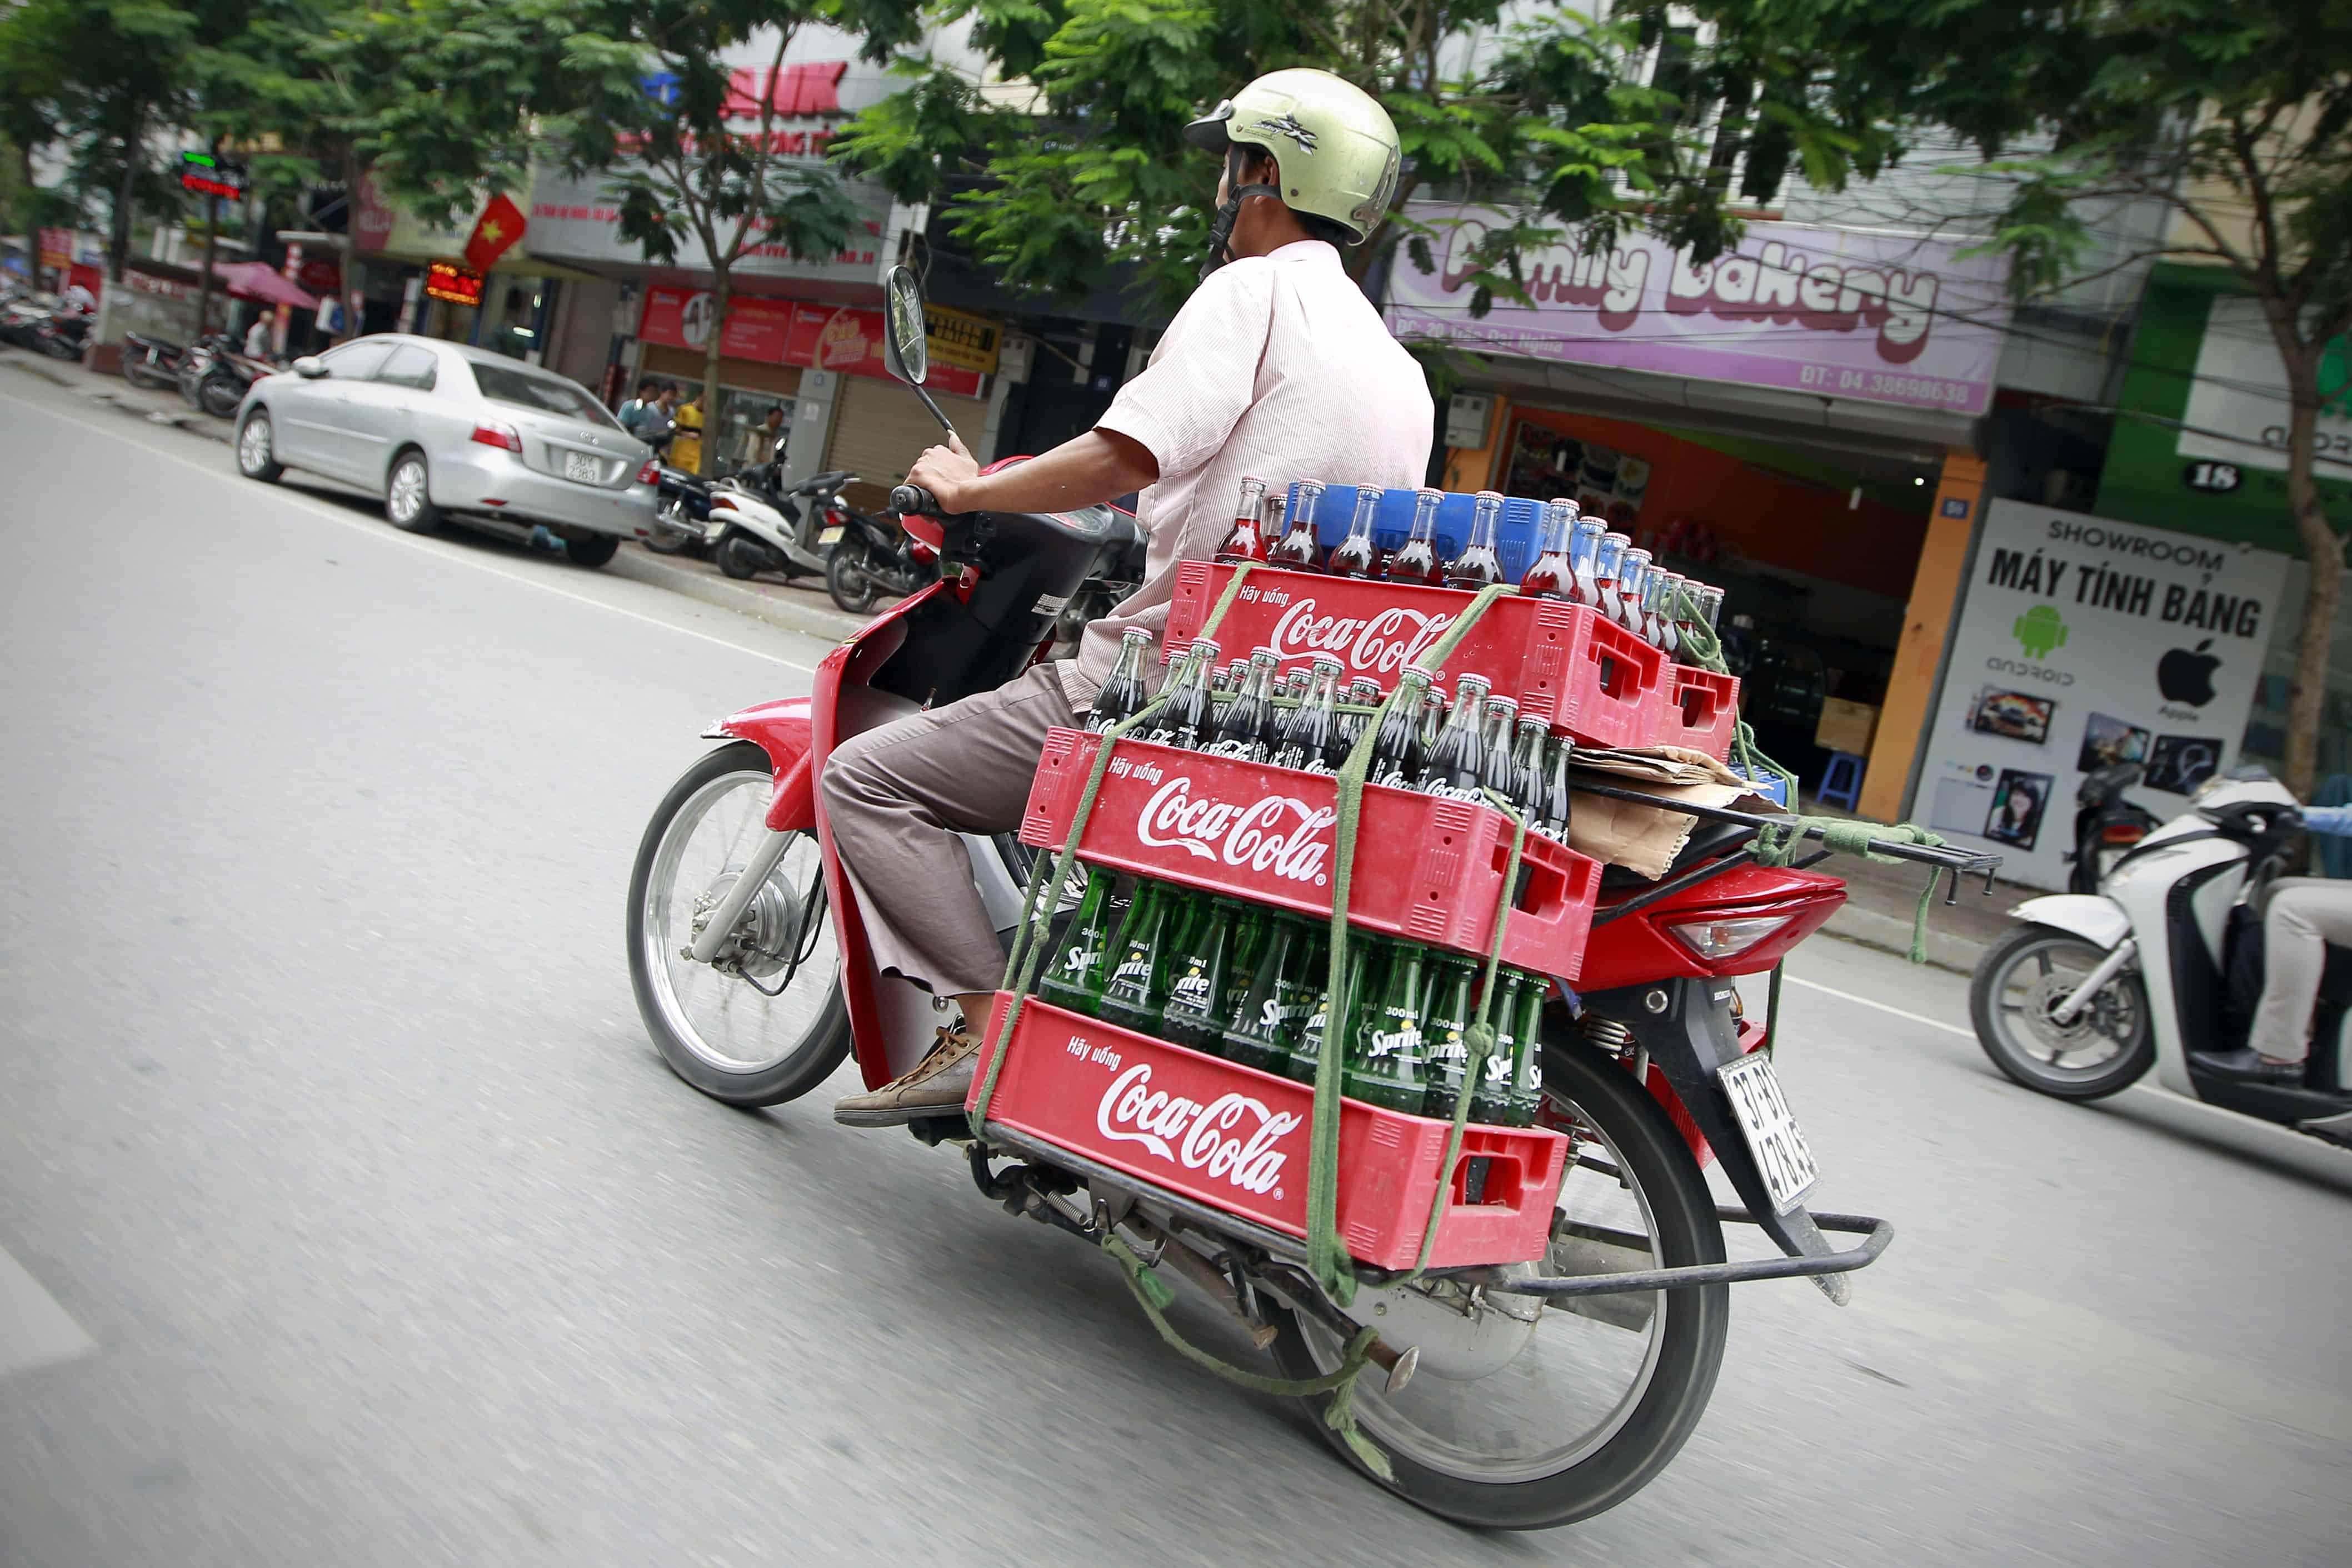 Un scooter chargé de Coca-Cola roule dans une rue du Vietnam.